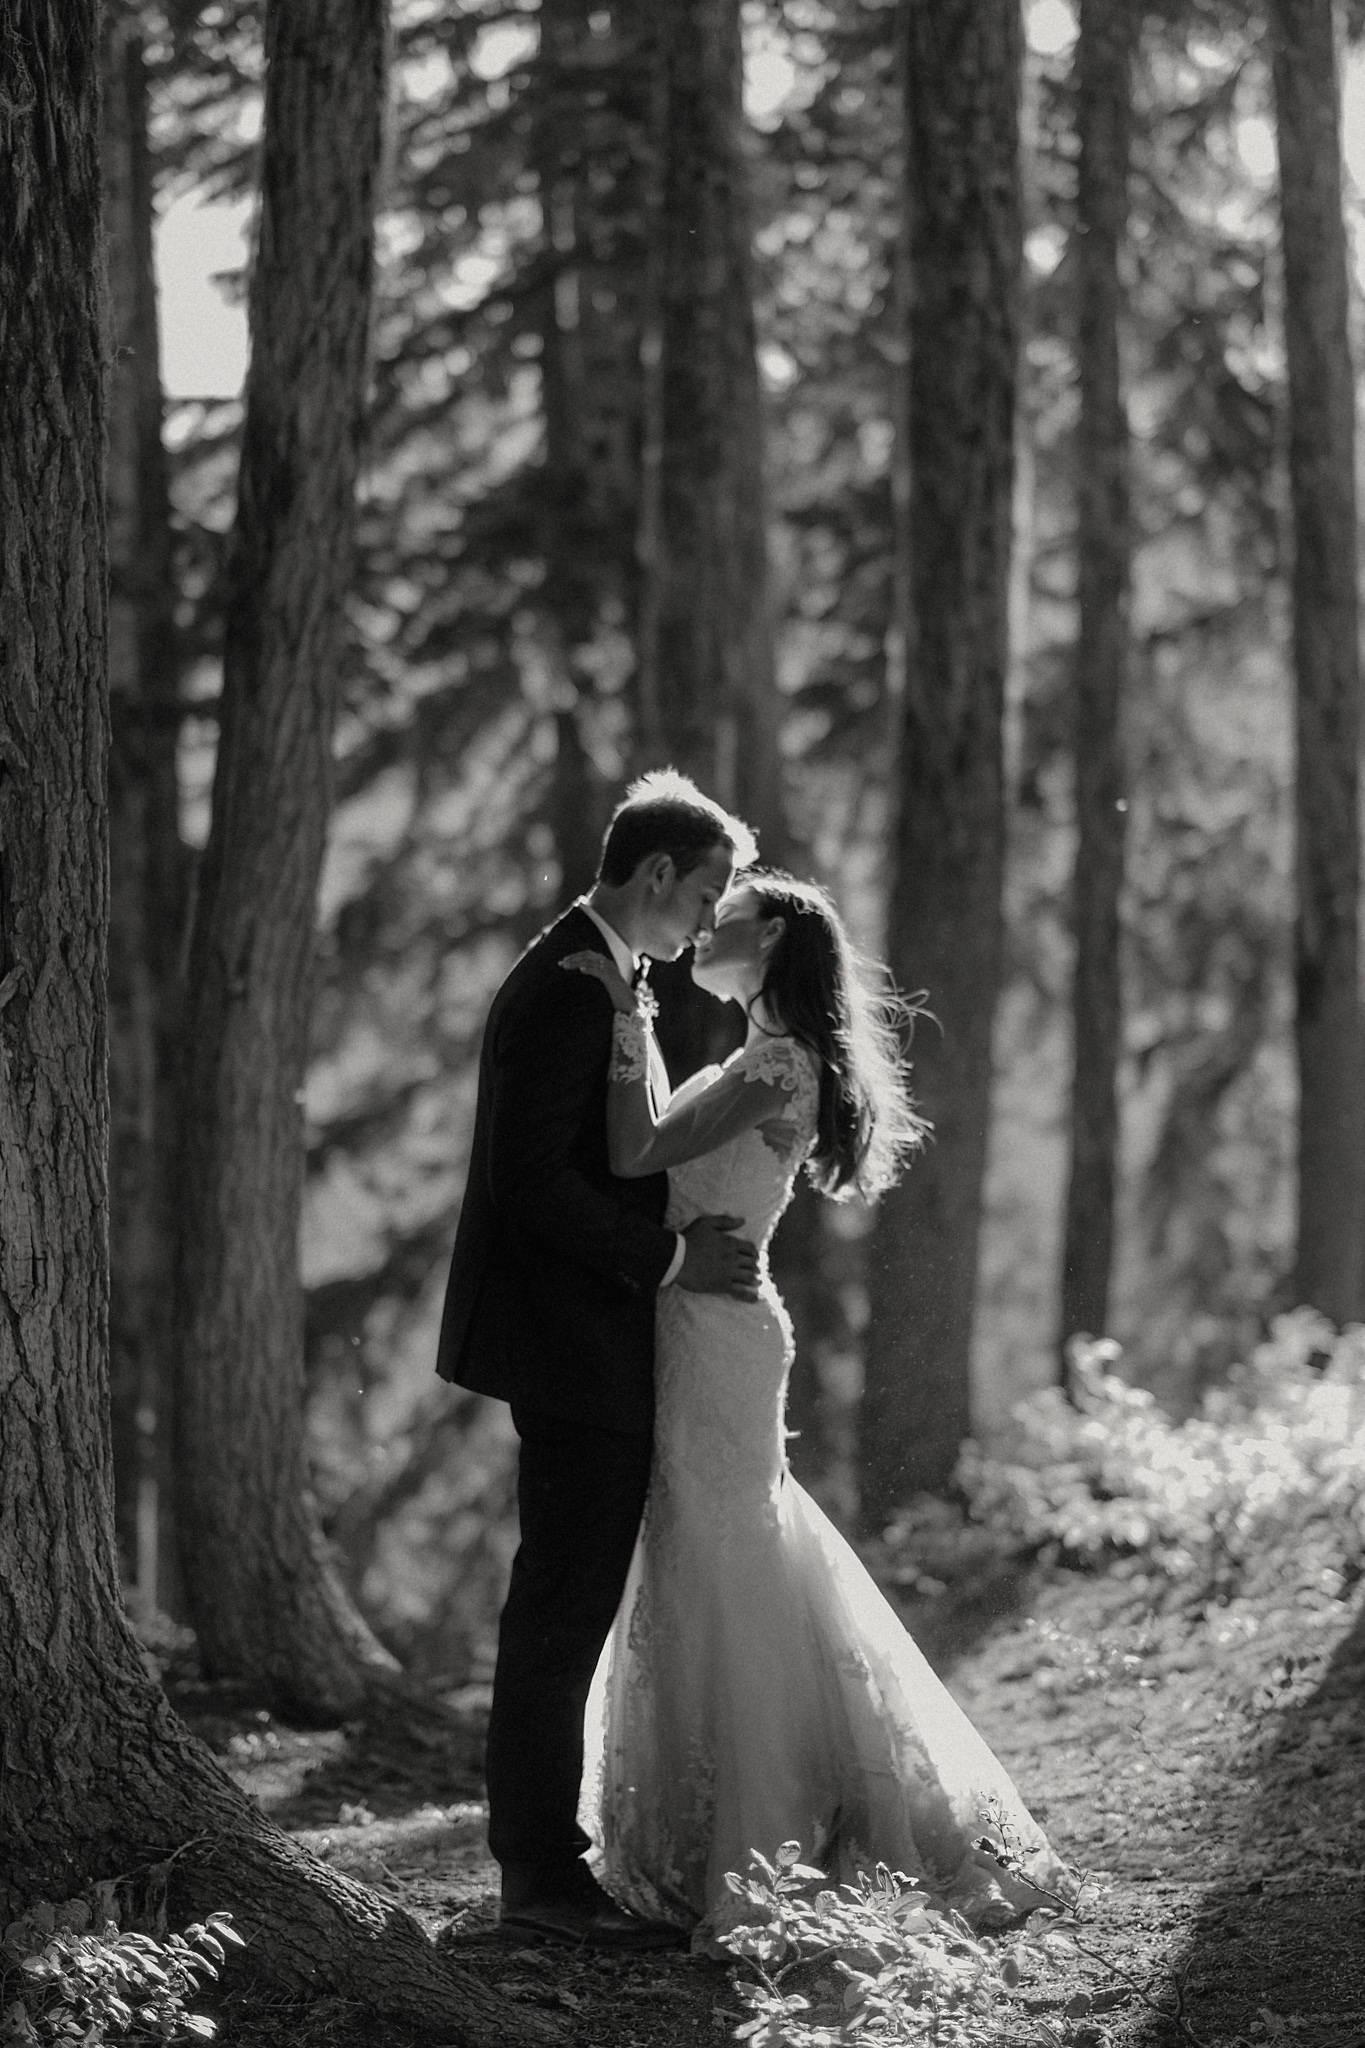 mindy-michael-cascade-mountains-elopement-wedding-46.jpg